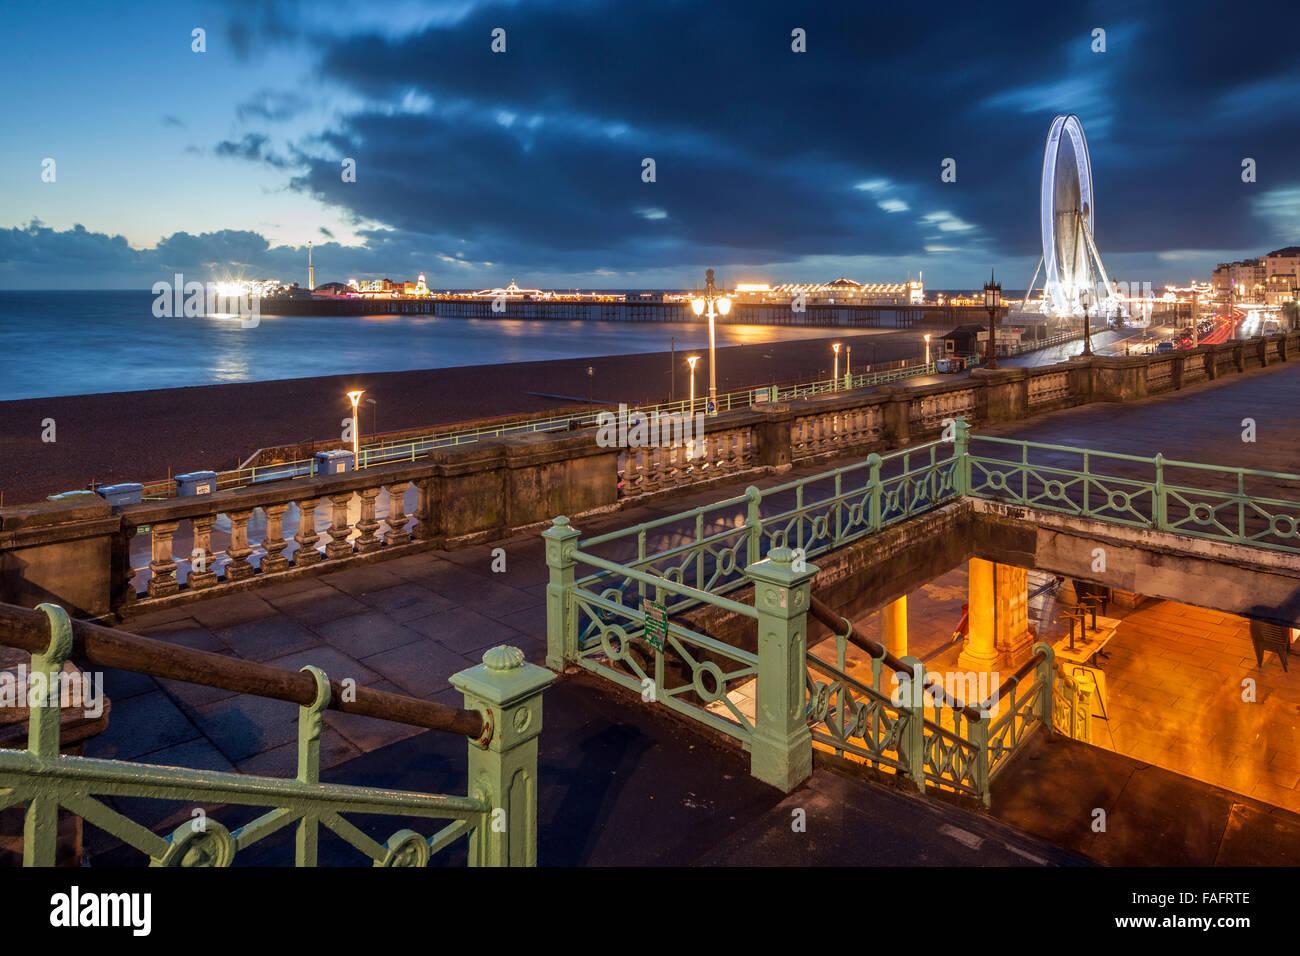 La notte scende sul lungomare di Brighton, East Sussex, Inghilterra. Foto Stock